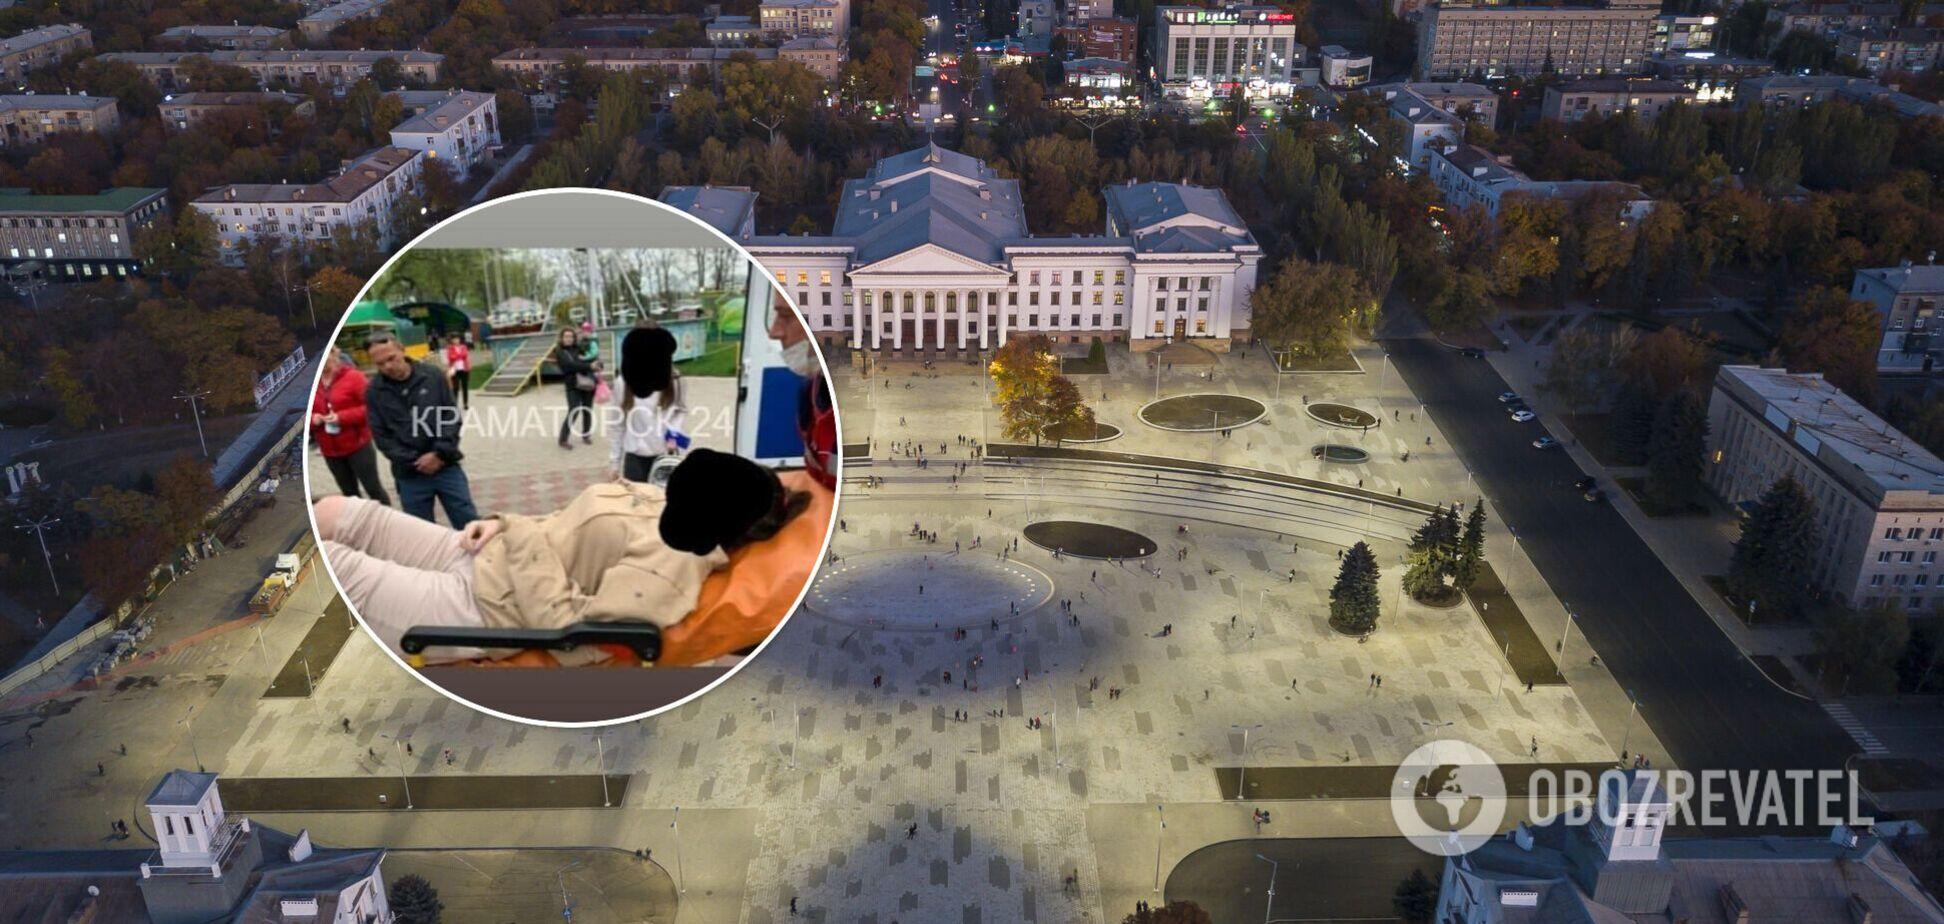 У Краматорську люди травмувалися на атракціоні: відео НП